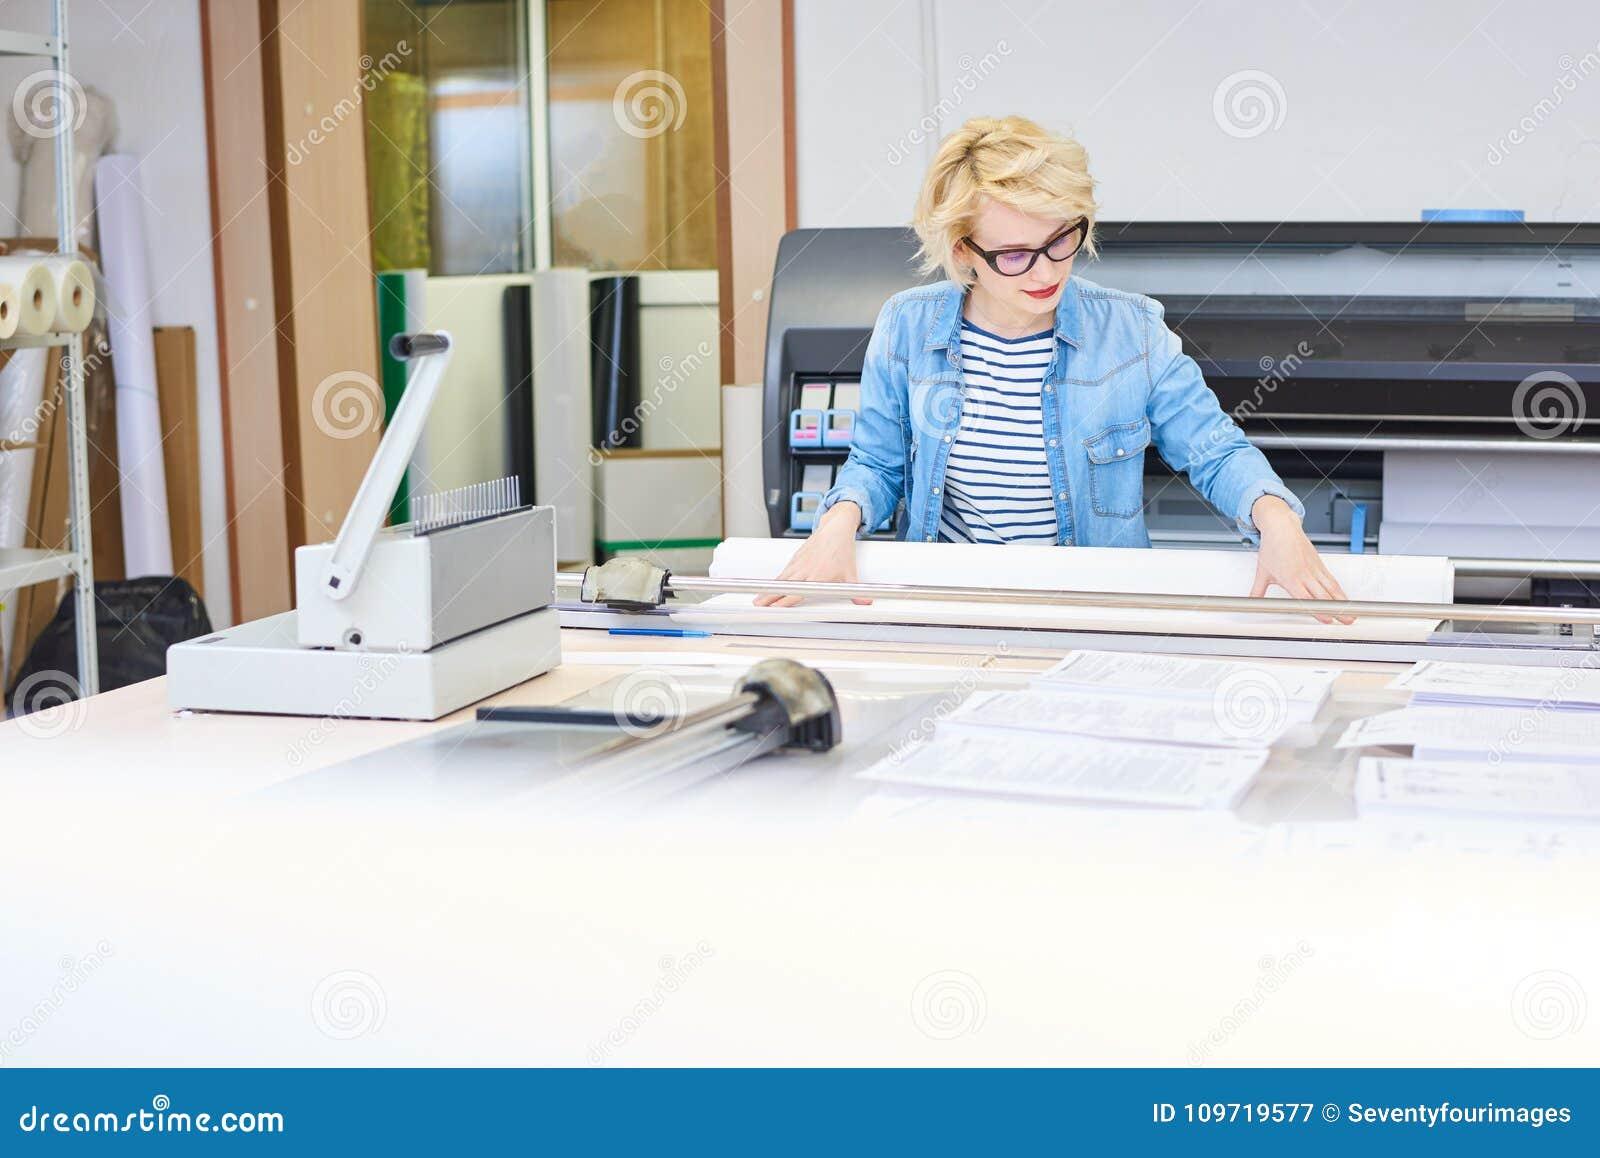 Młoda Kobieta Pracuje w Printshop